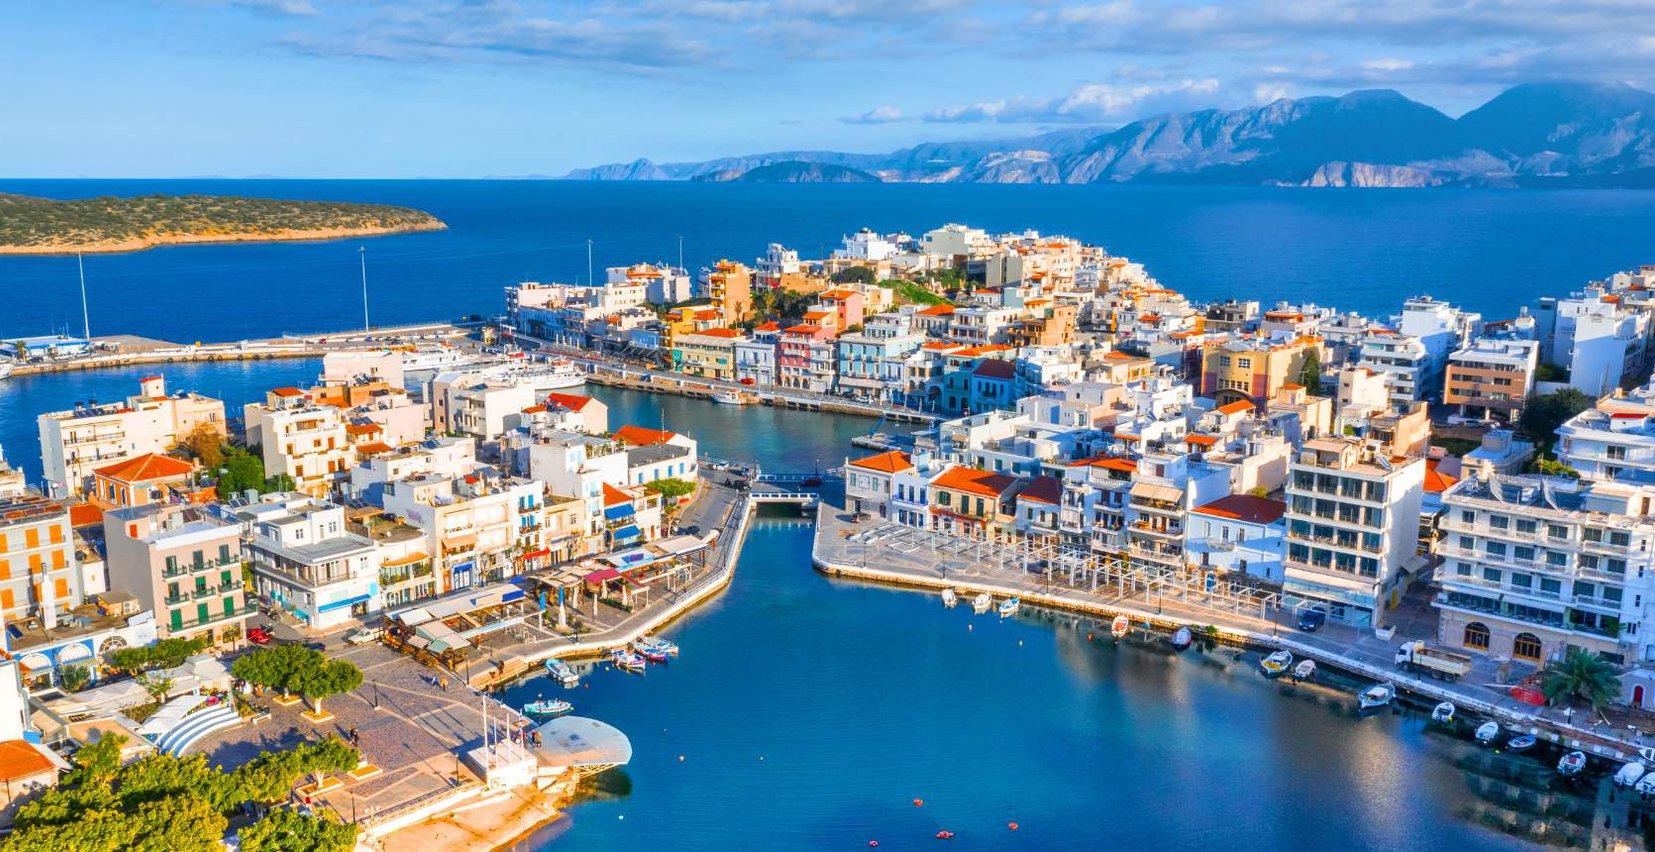 Το νησί της Κρήτης από ένα drone με την όμορφη θάλασσα και τα γραφικά κτίρια